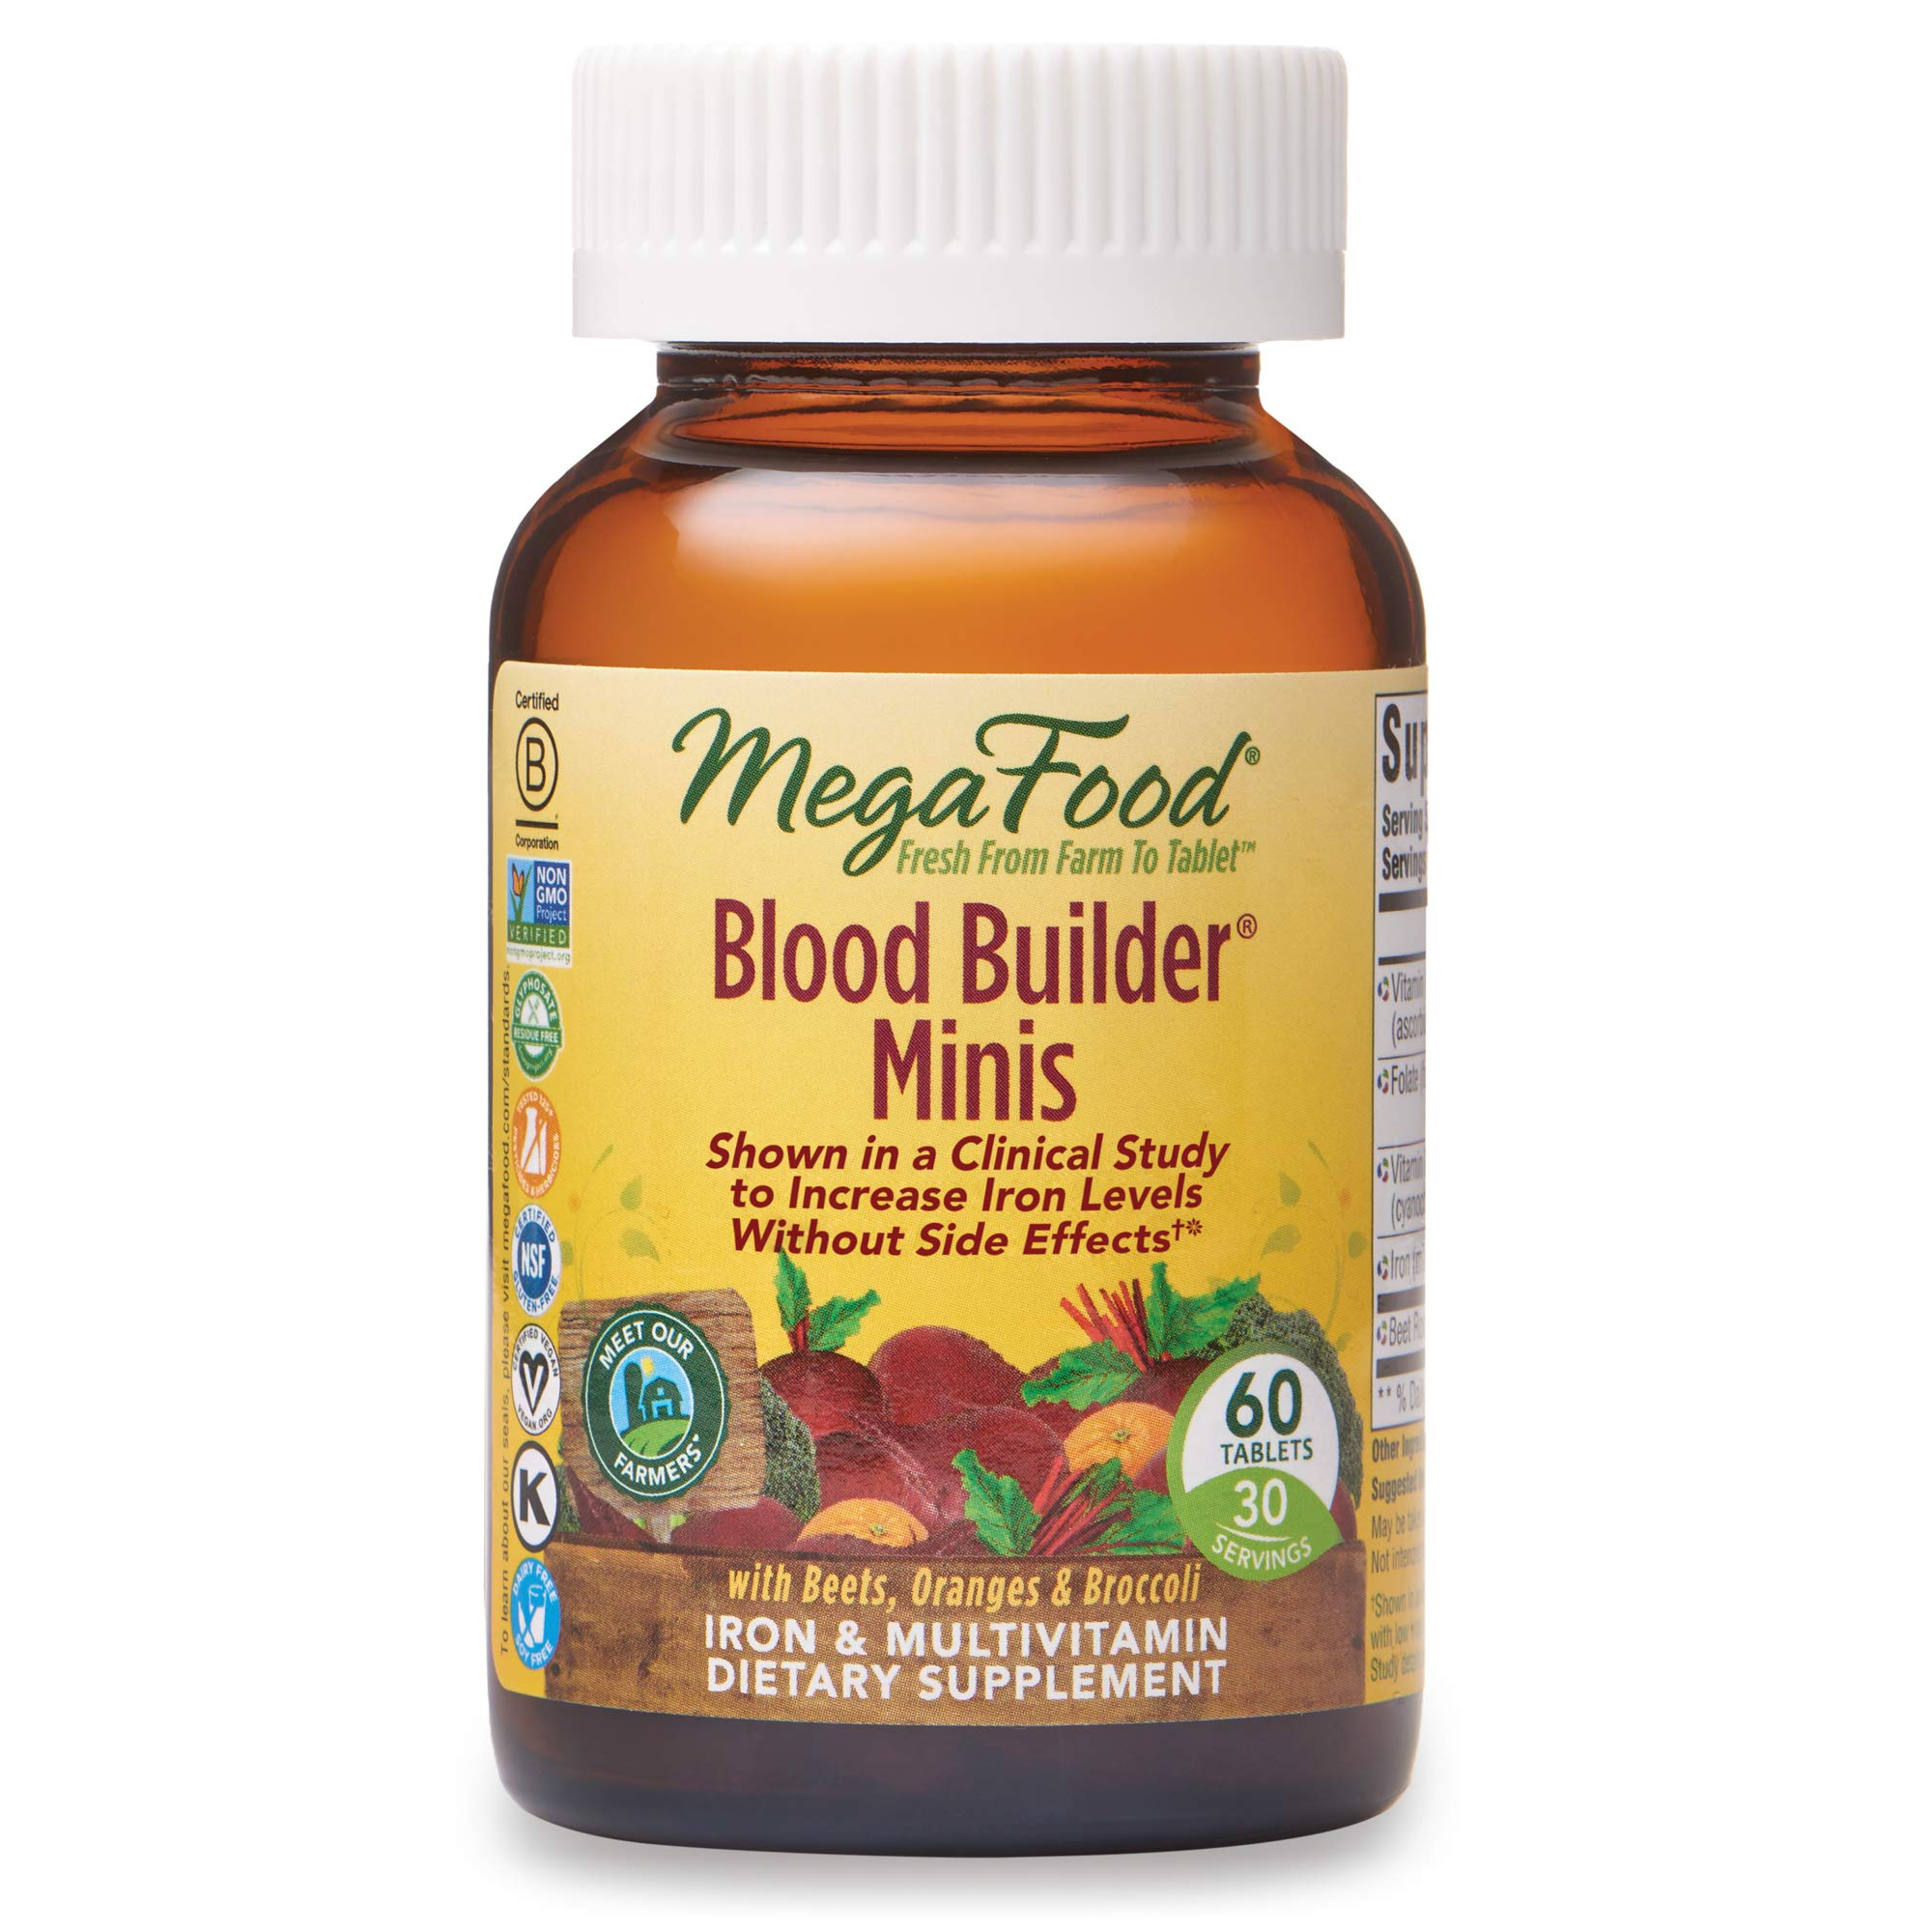 MegaFood, Blood Builder Minis